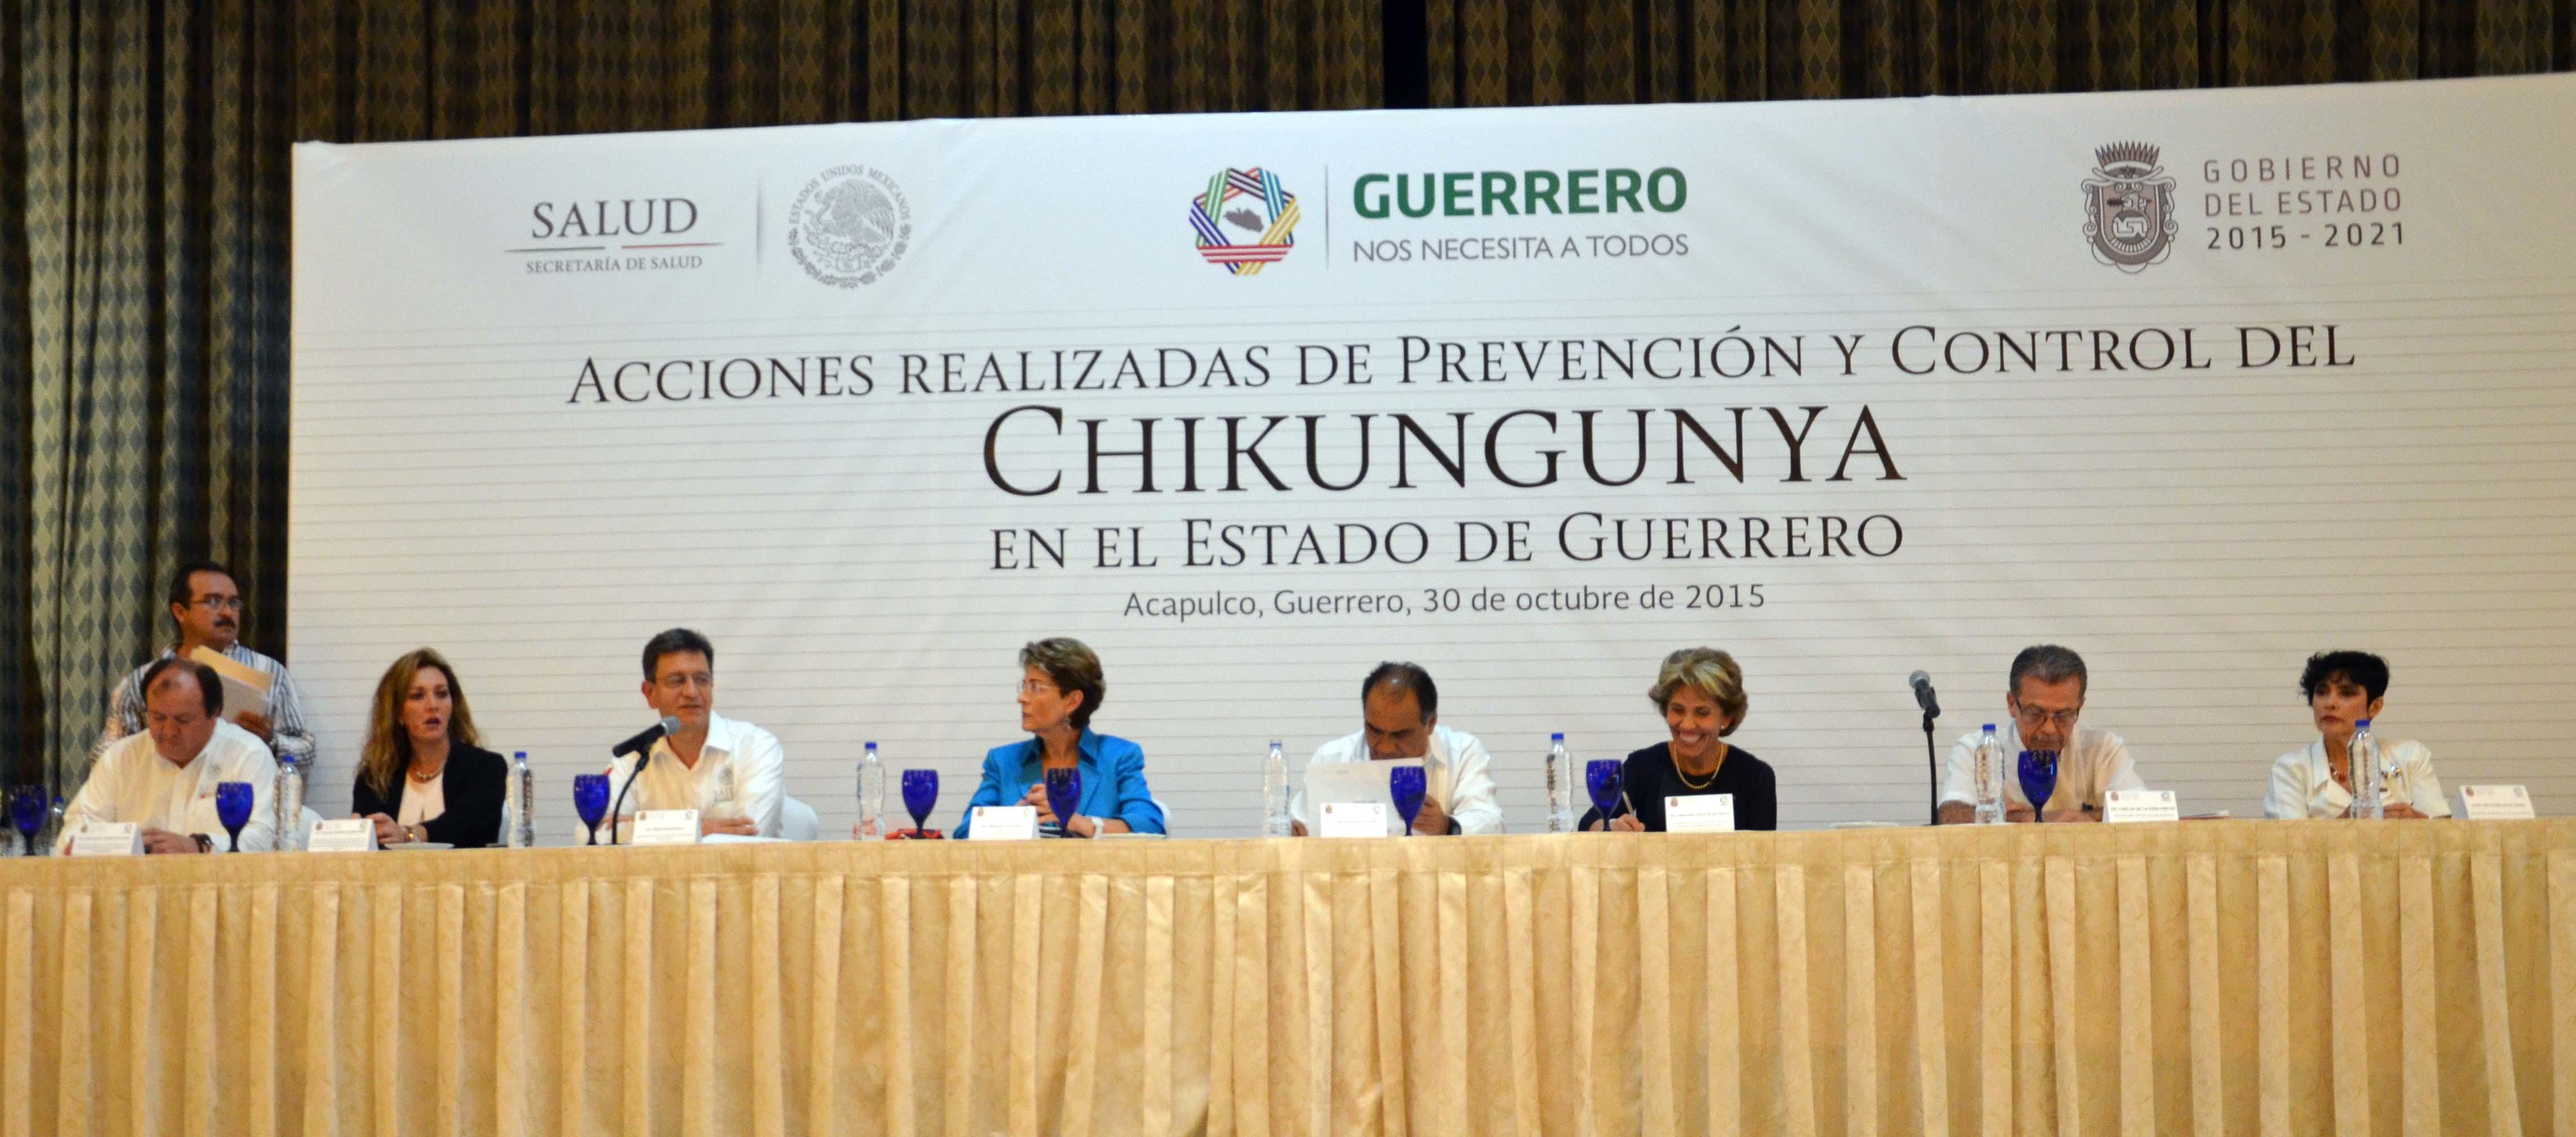 Mercedes Juan felicitó al gobernador Héctor Astudillo por la designación del doctor Carlos de la Peña como Secretario de Salud.